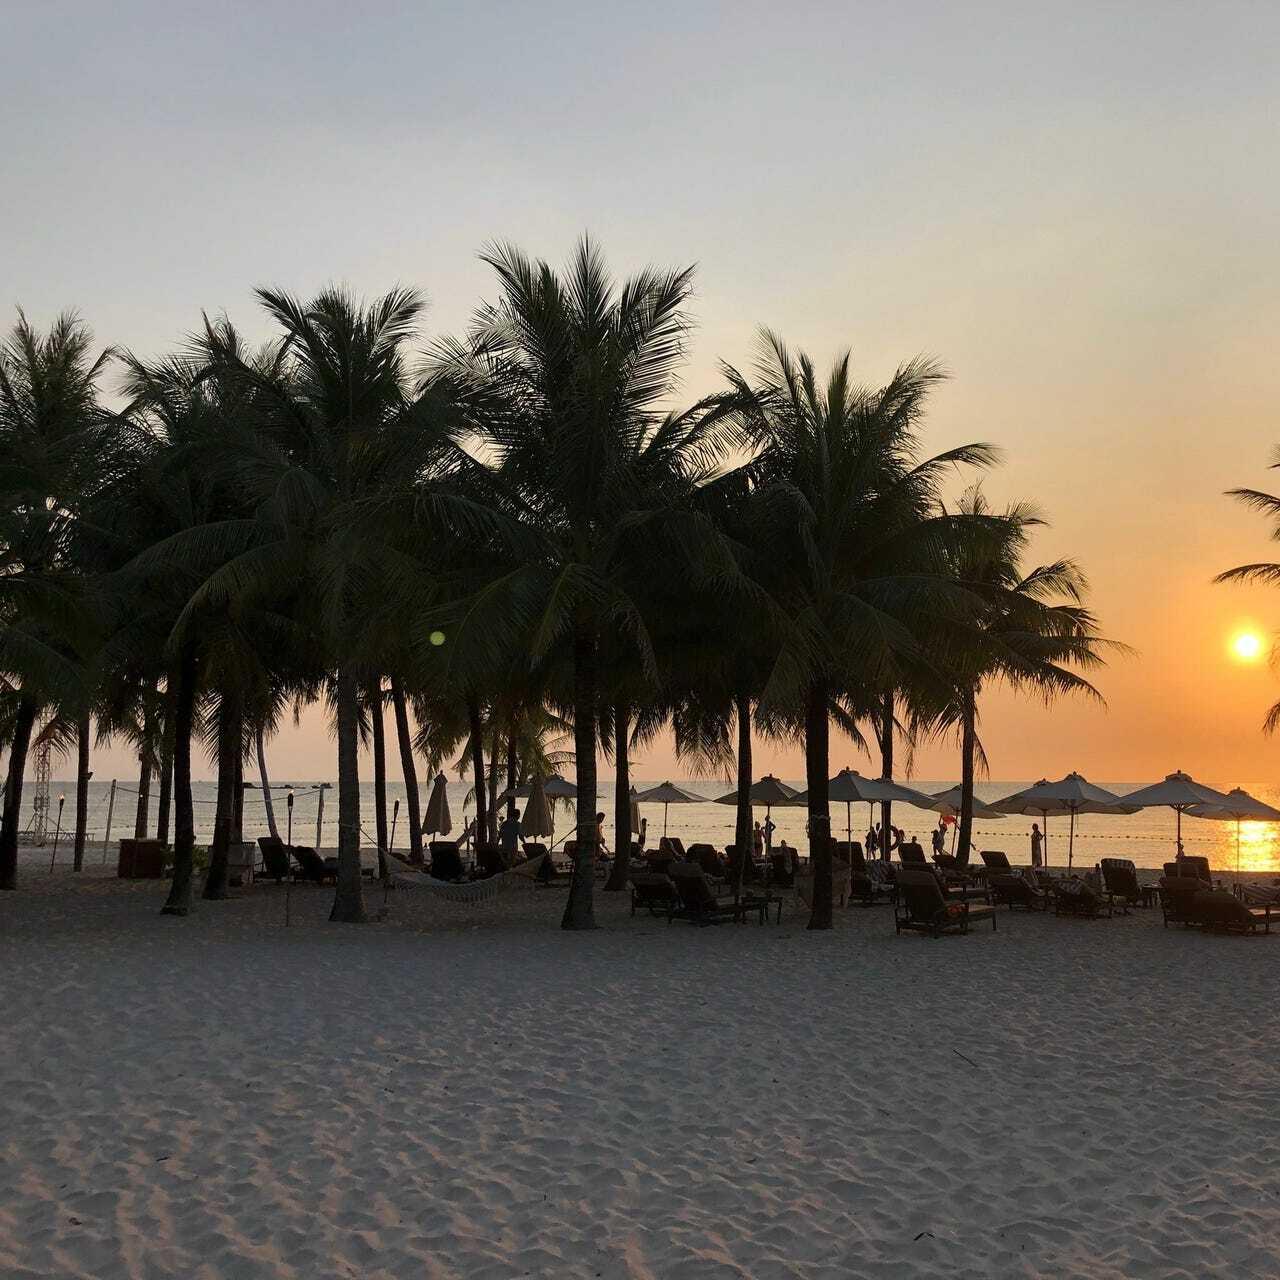 Báo nước ngoài lý giải Đảo ngọc Phú Quốc là nơi nhiều người mơ tới